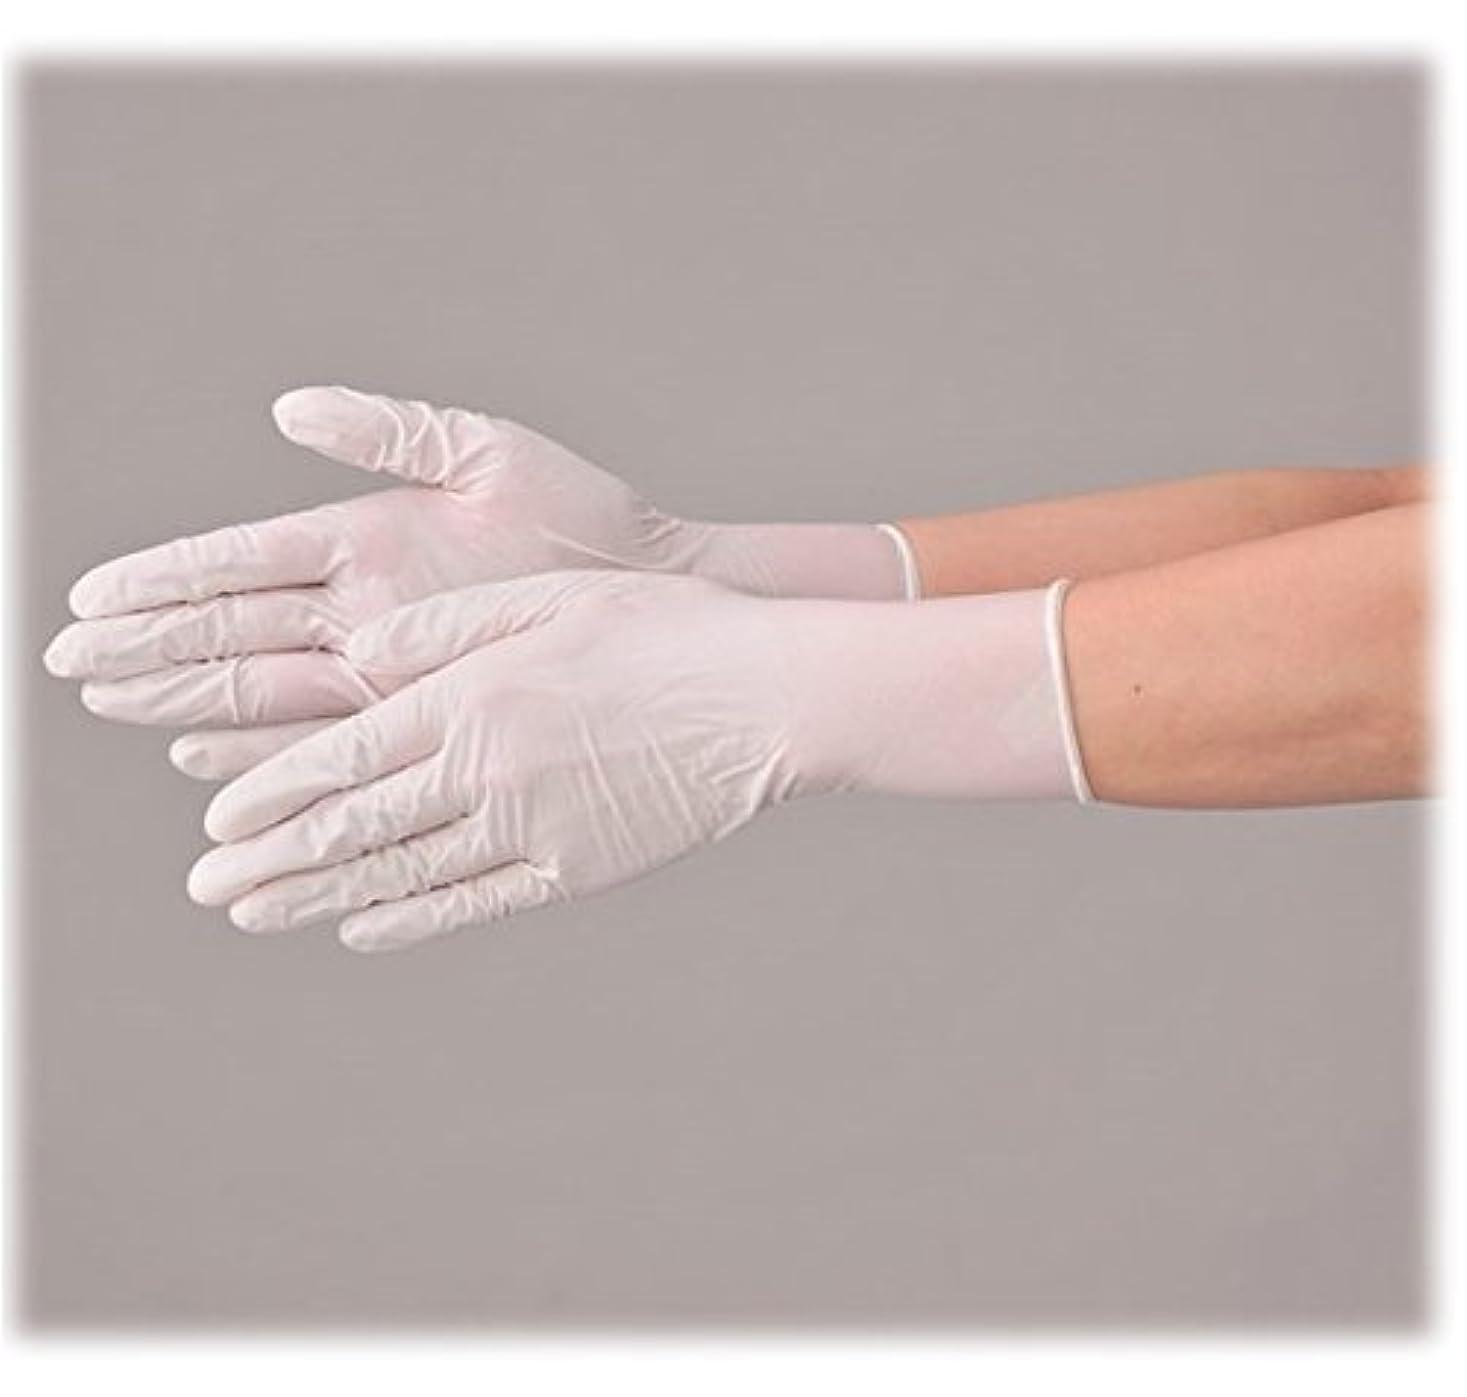 使い捨て 手袋 エブノ 525 ディスポニトリル パウダーフリー ホワイトSサイズ 2ケース(100枚×40箱)